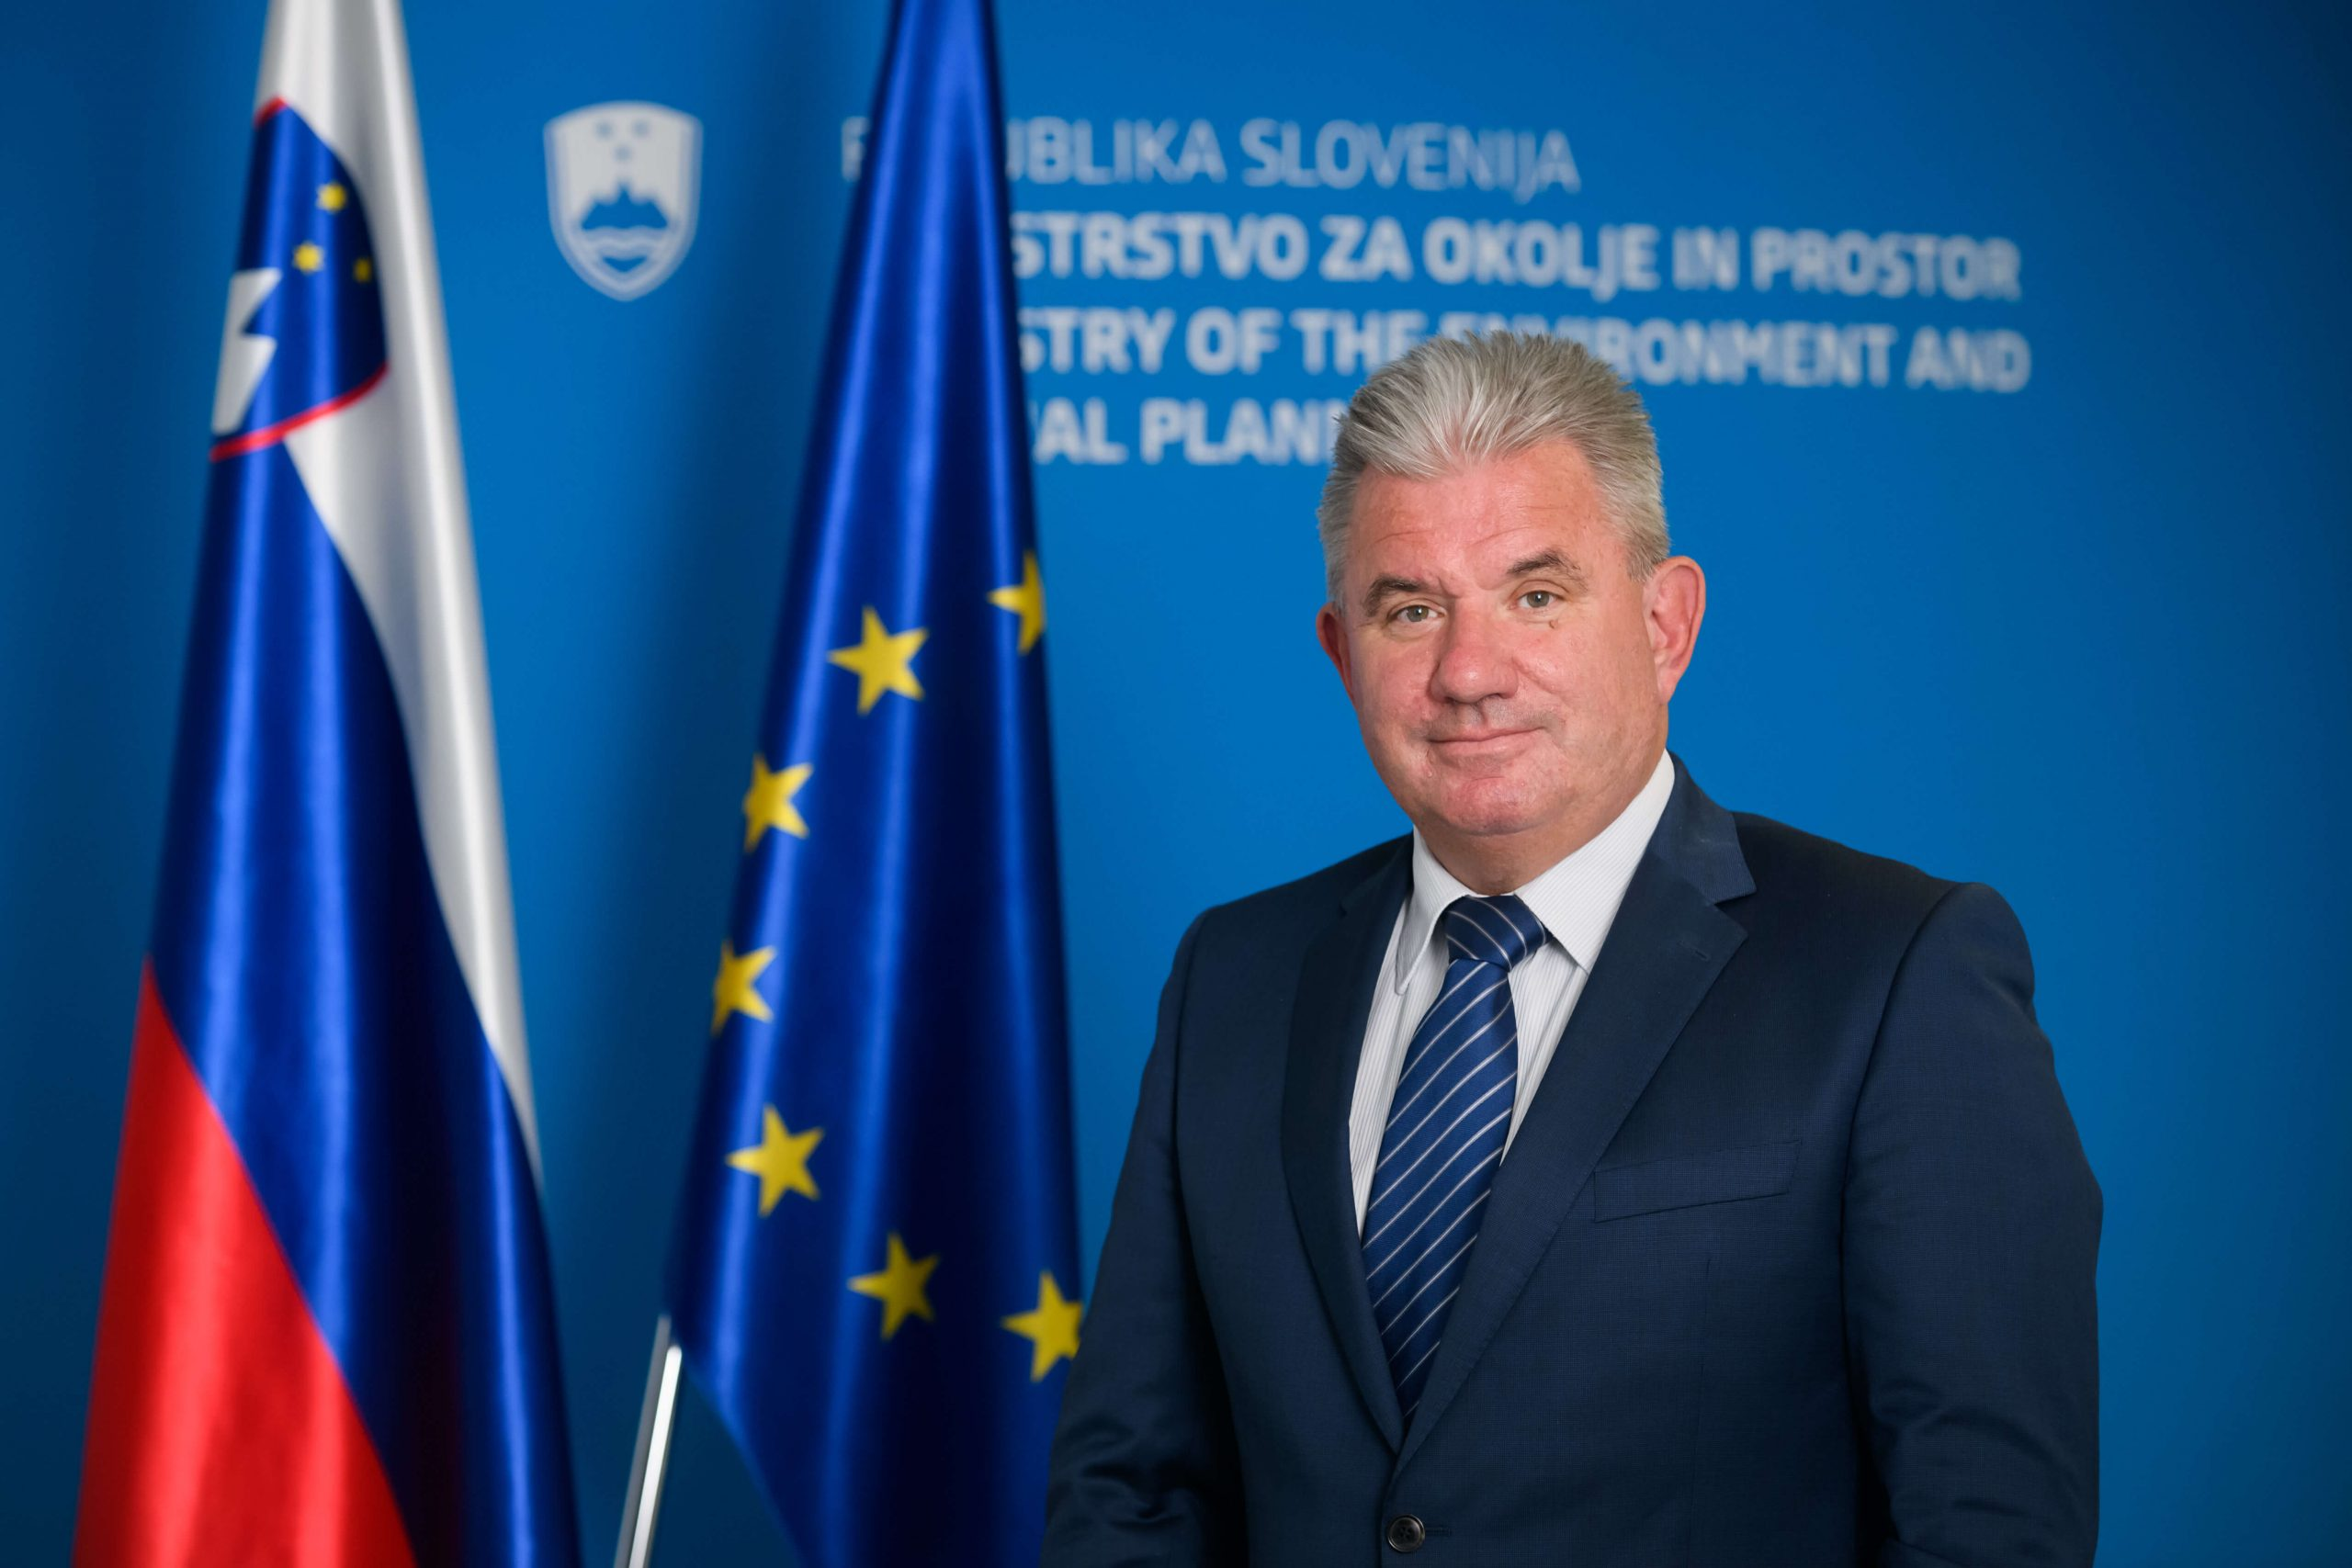 Okoljski minister podprl gradnjo drugega bloka jedrske elektrarne in hidroelektrarn